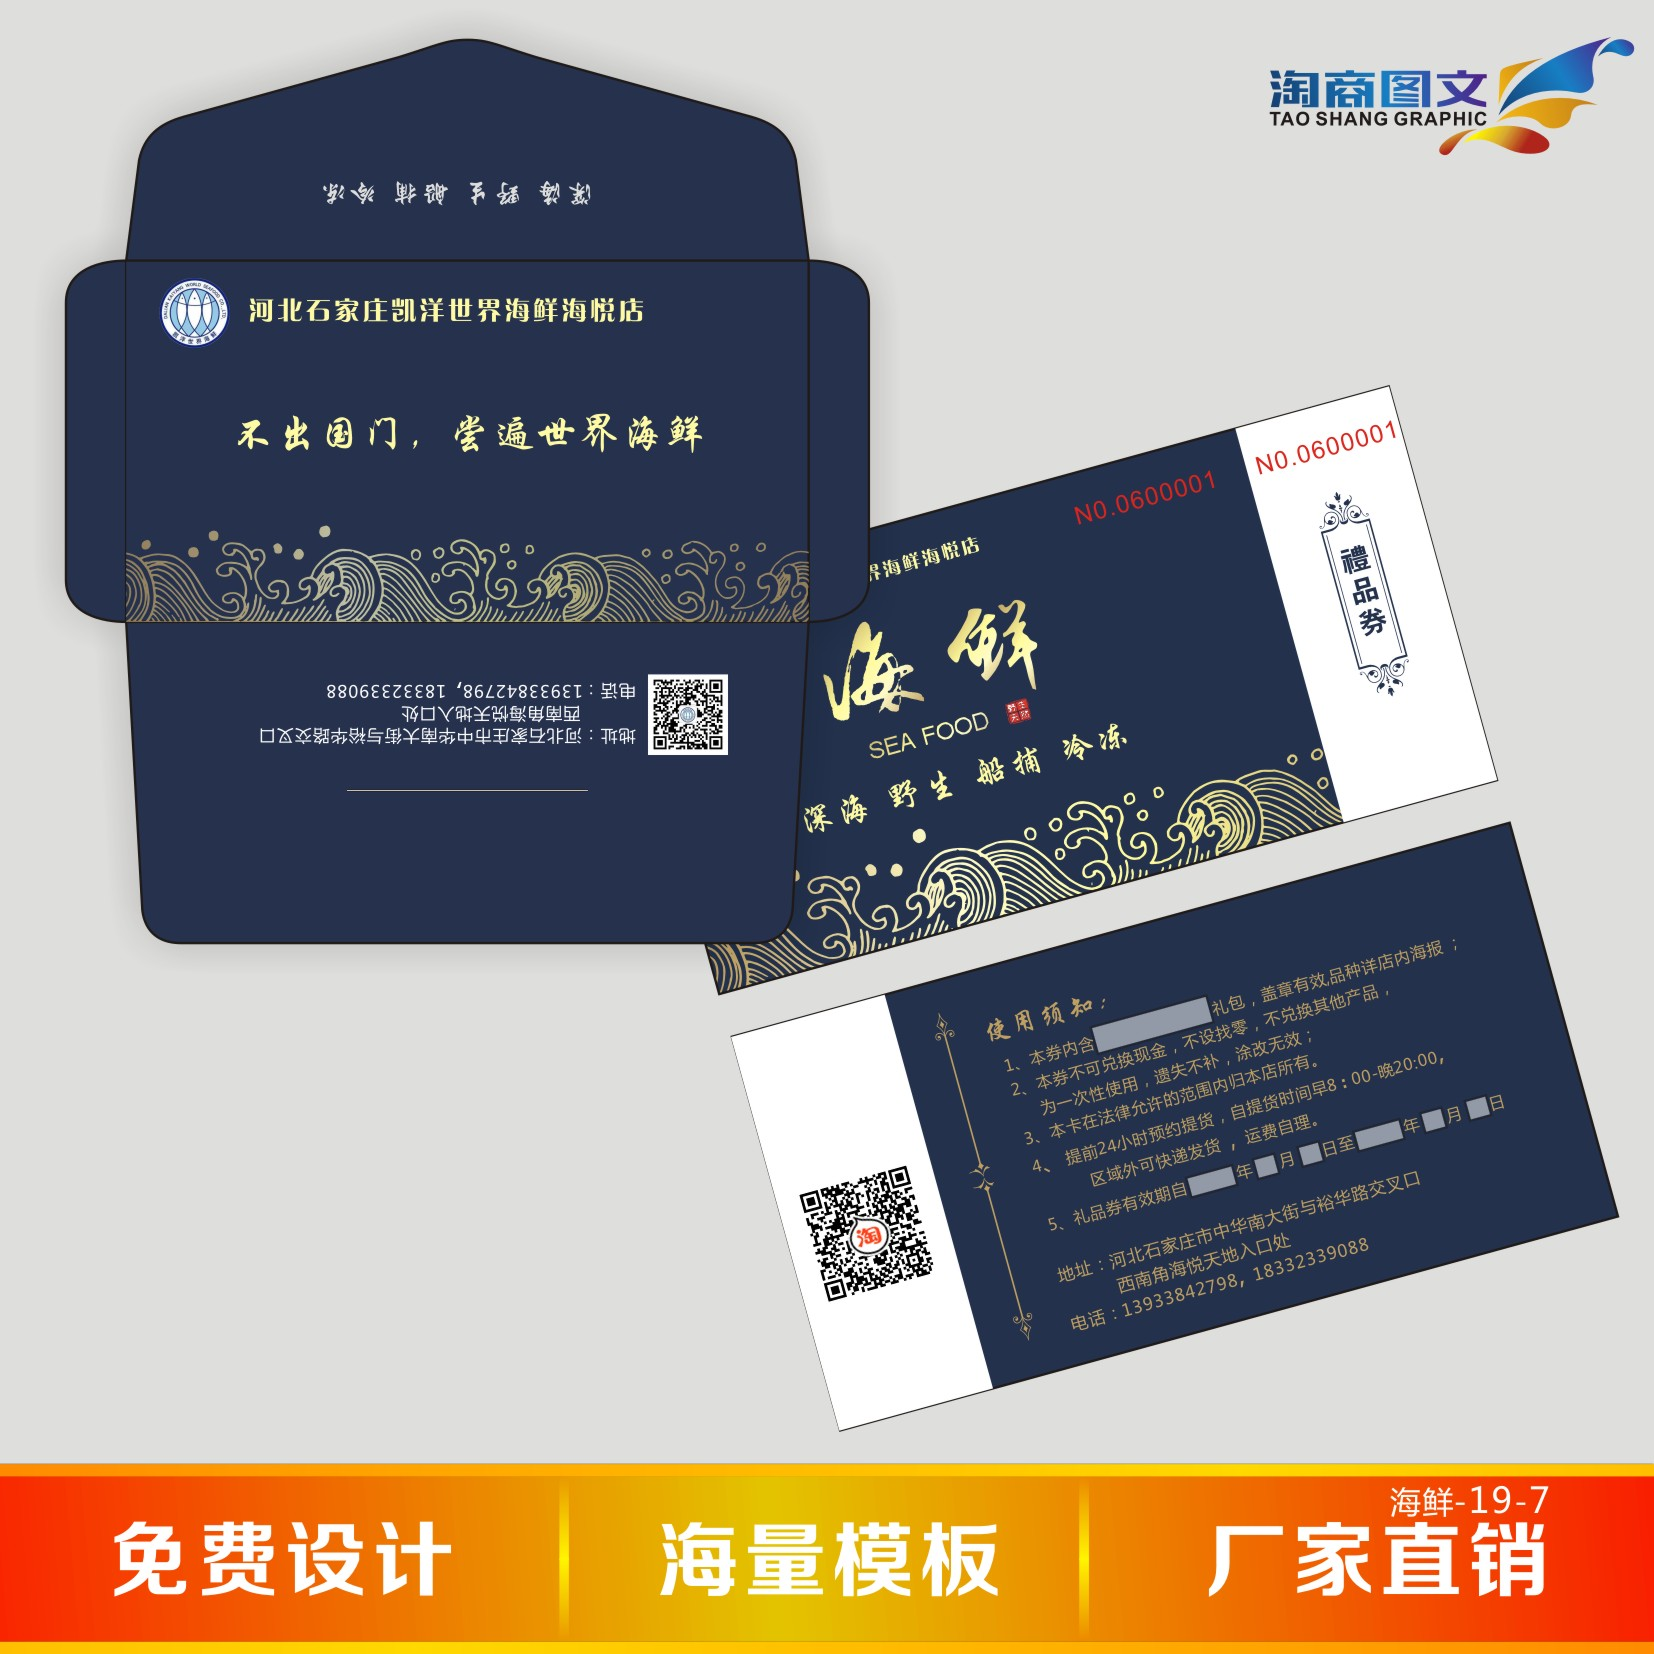 大闸蟹提货券小龙虾礼品券印刷海鲜密码卡兑换�恢谱餍欧饪ㄌ锥ㄗ�